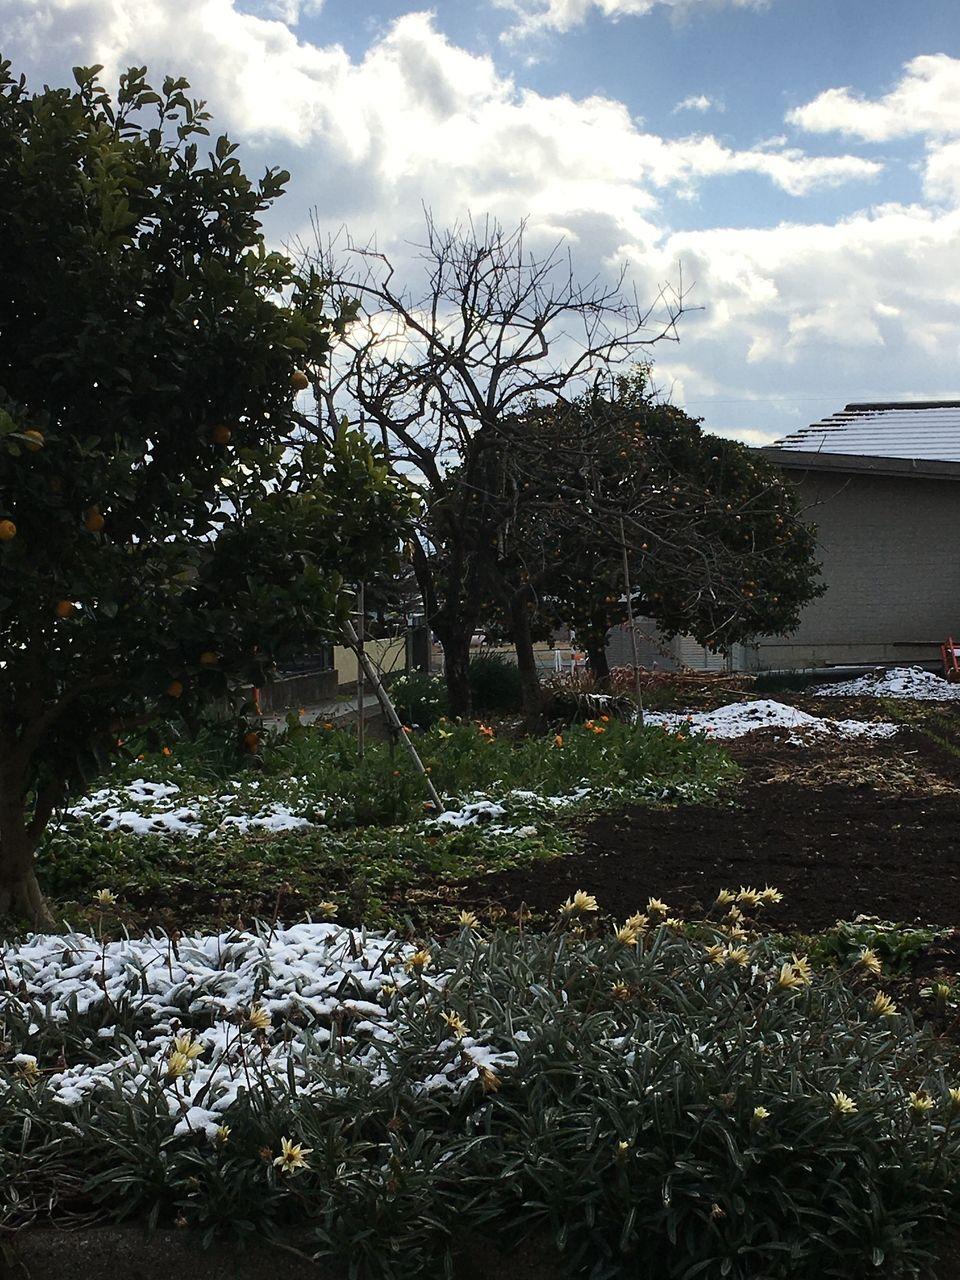 青空のもと朝まで積もっていた雪もお昼には残りわずかとなりました。